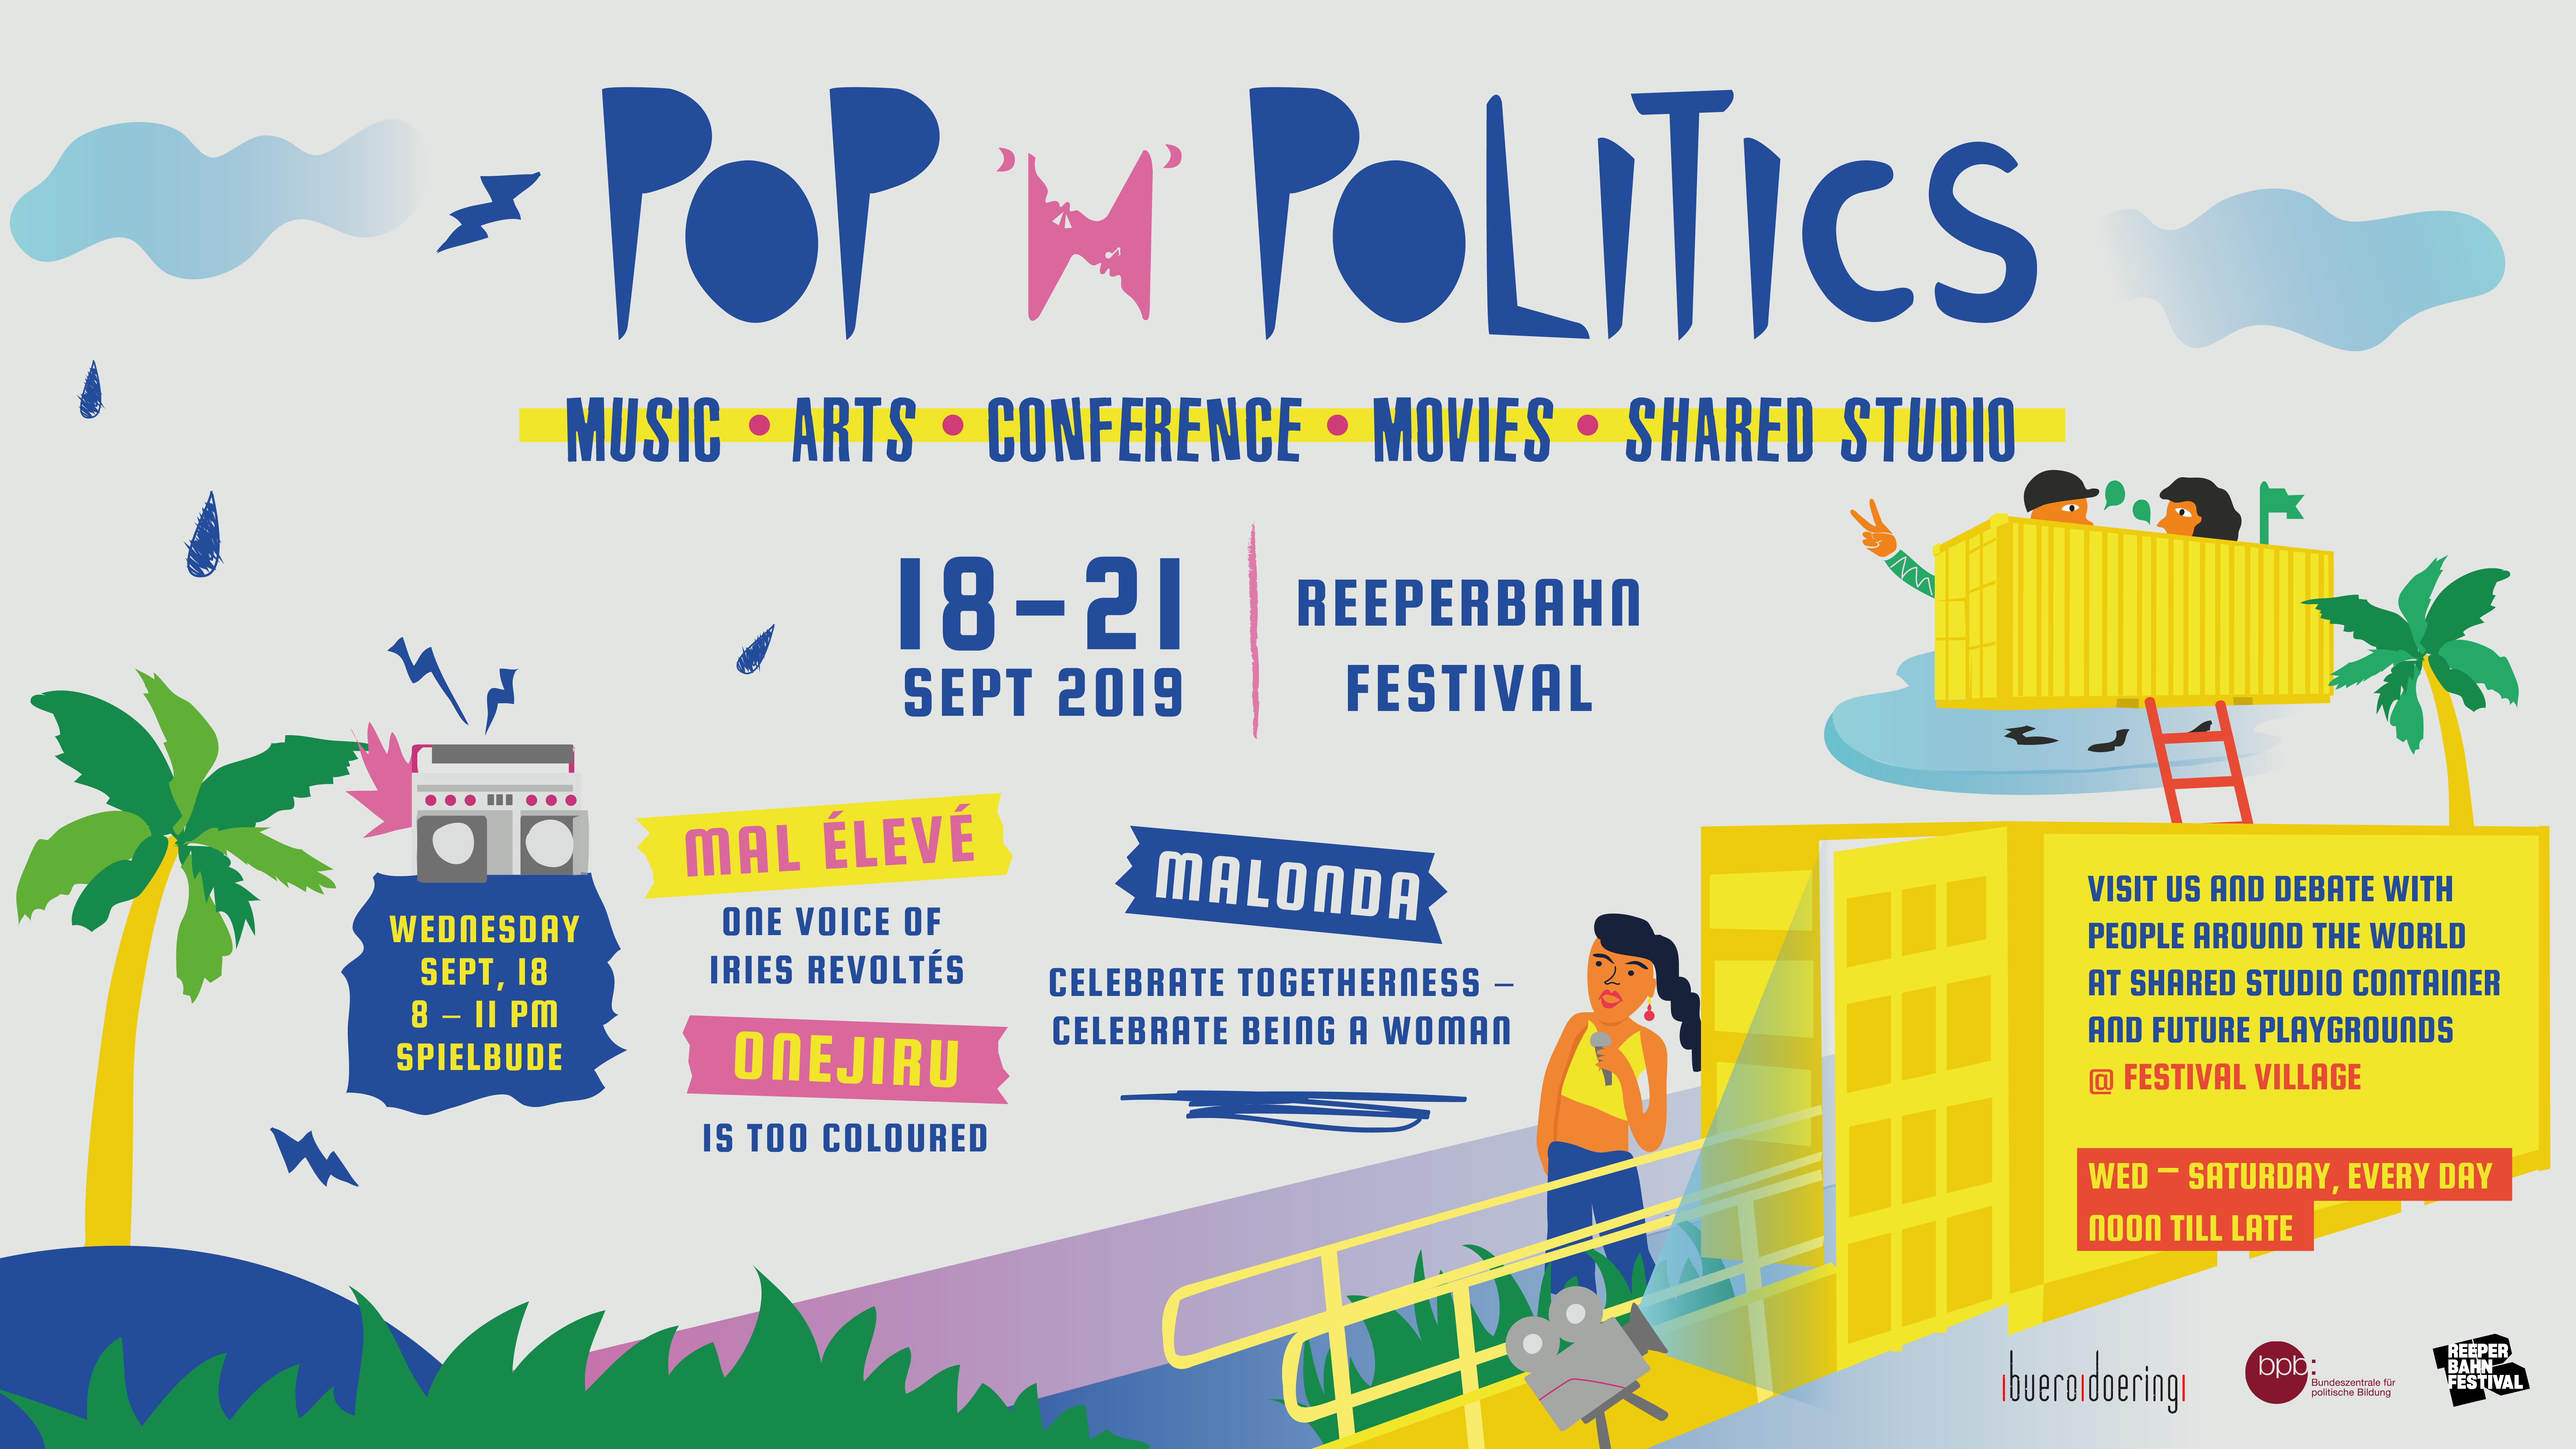 Pop'n'politics at Reeperbahn Festival